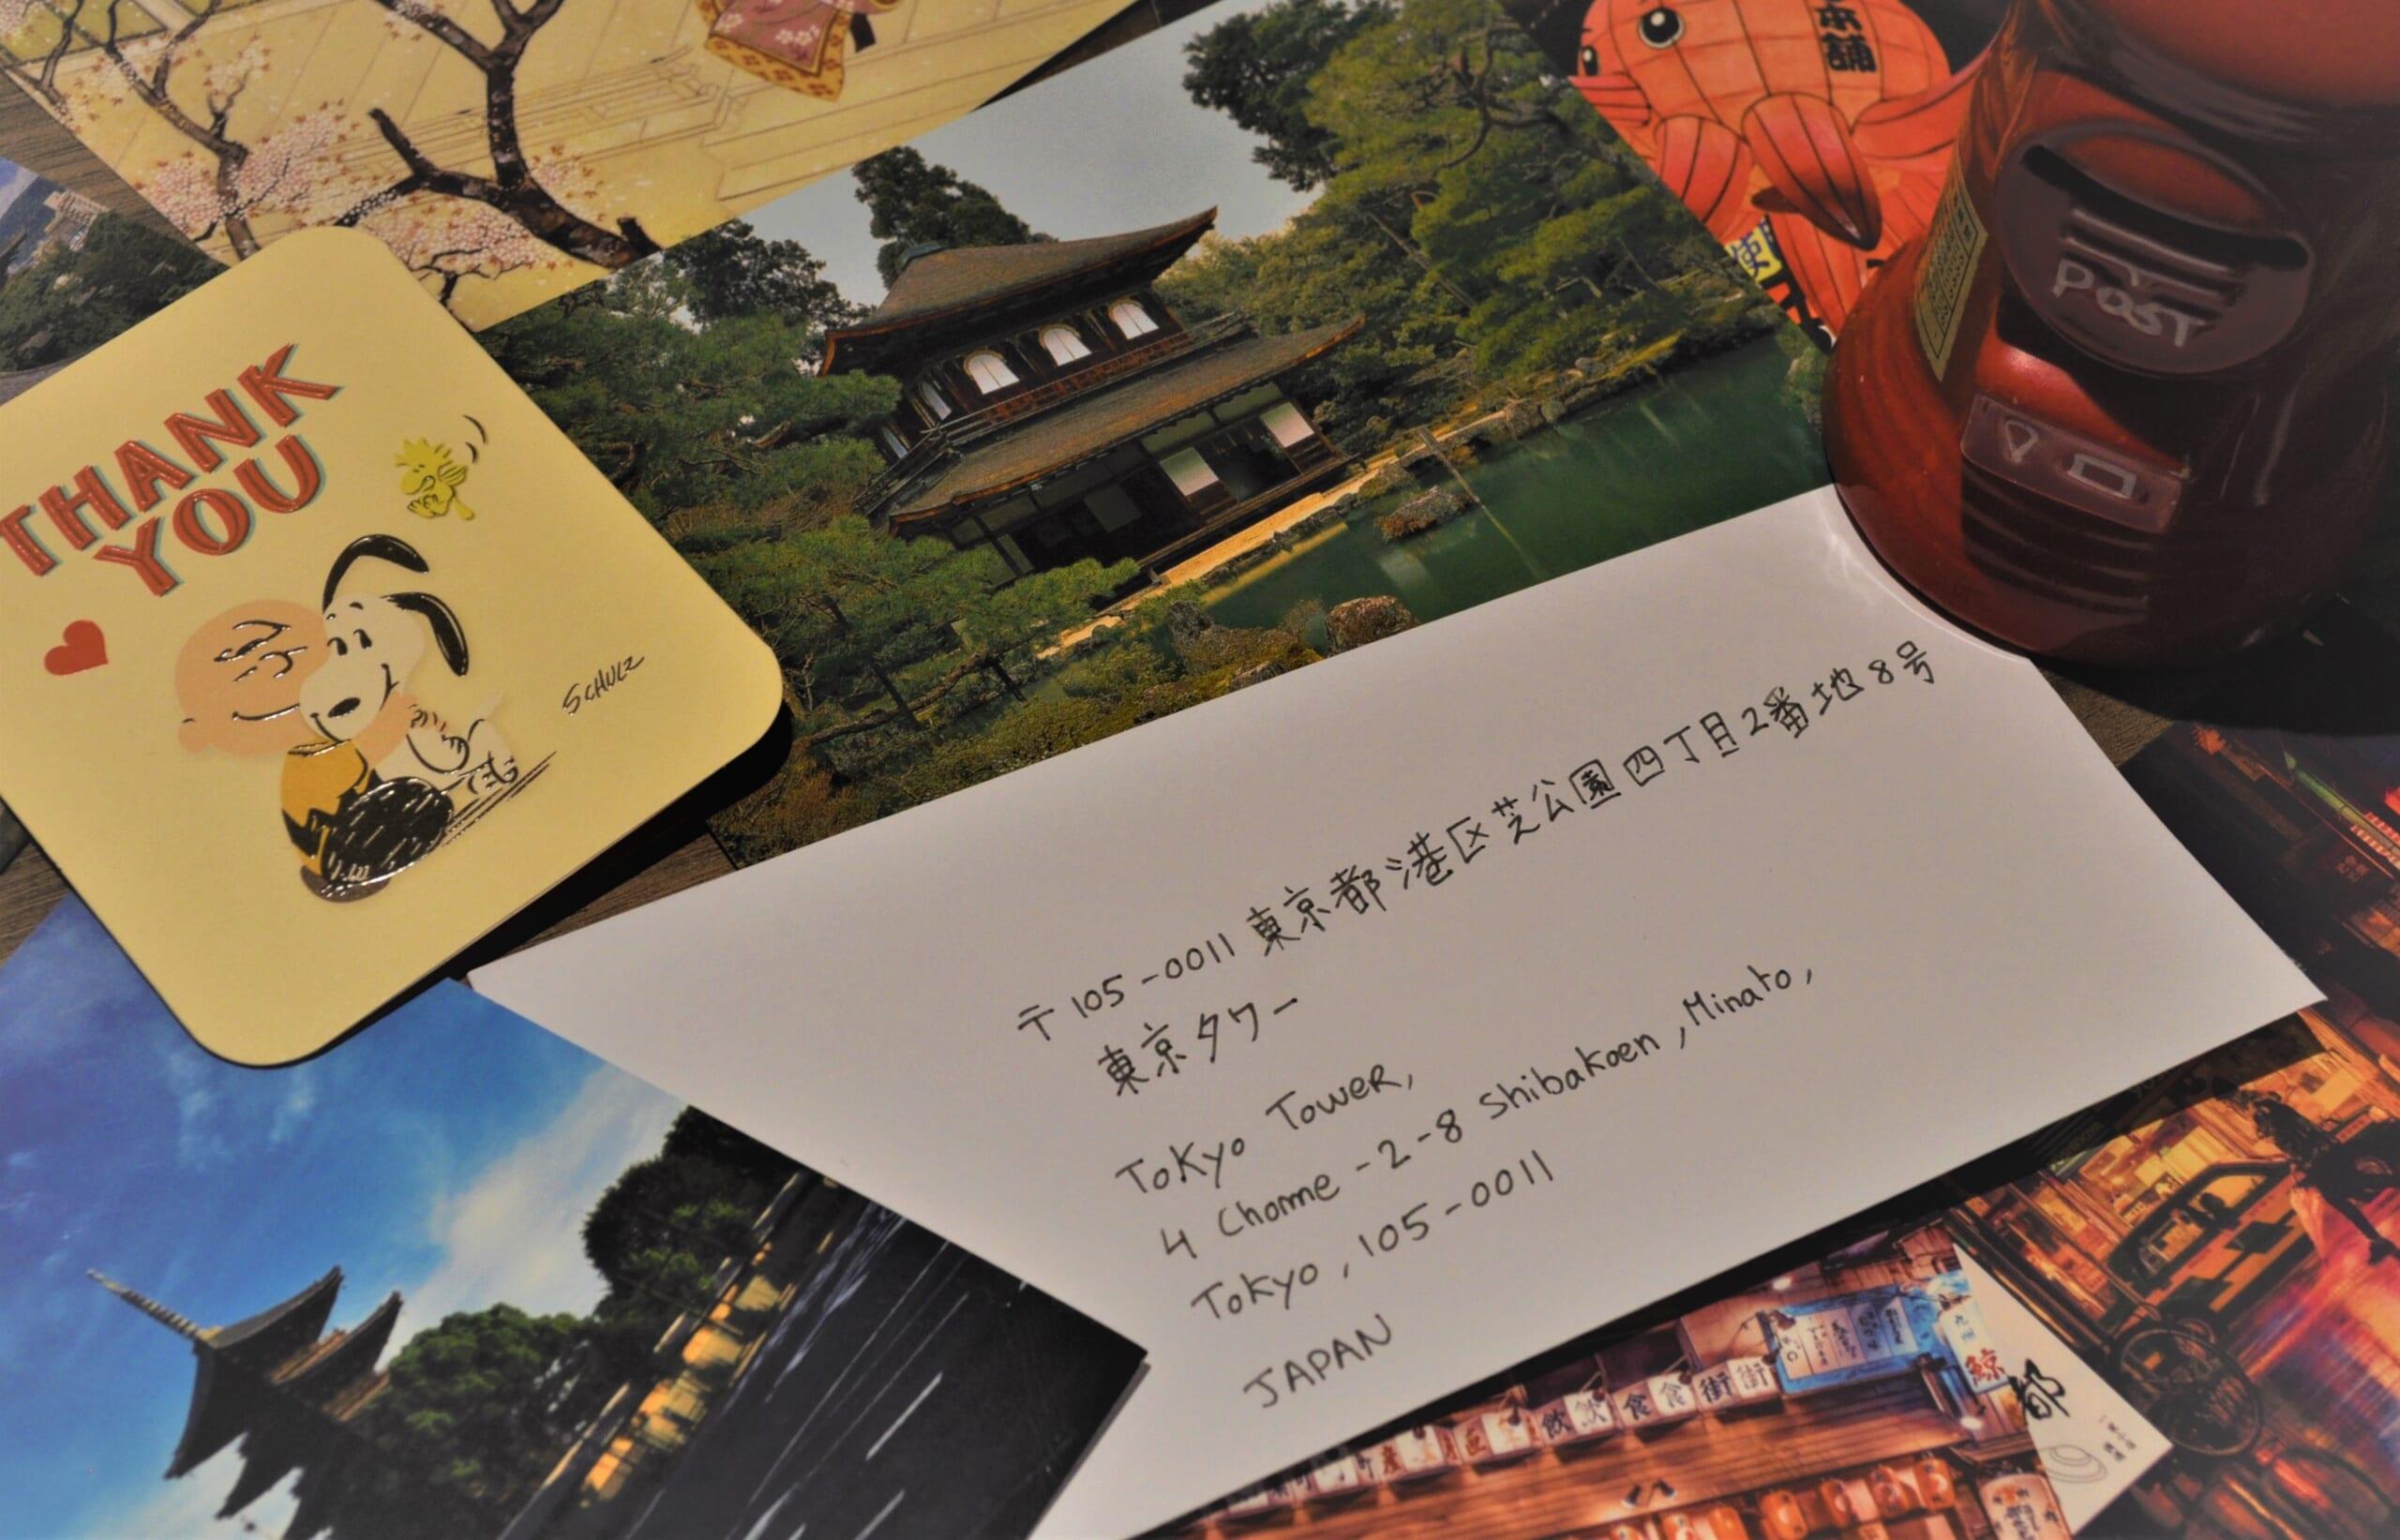 Comment écrire correctement une adresse japonaise ?